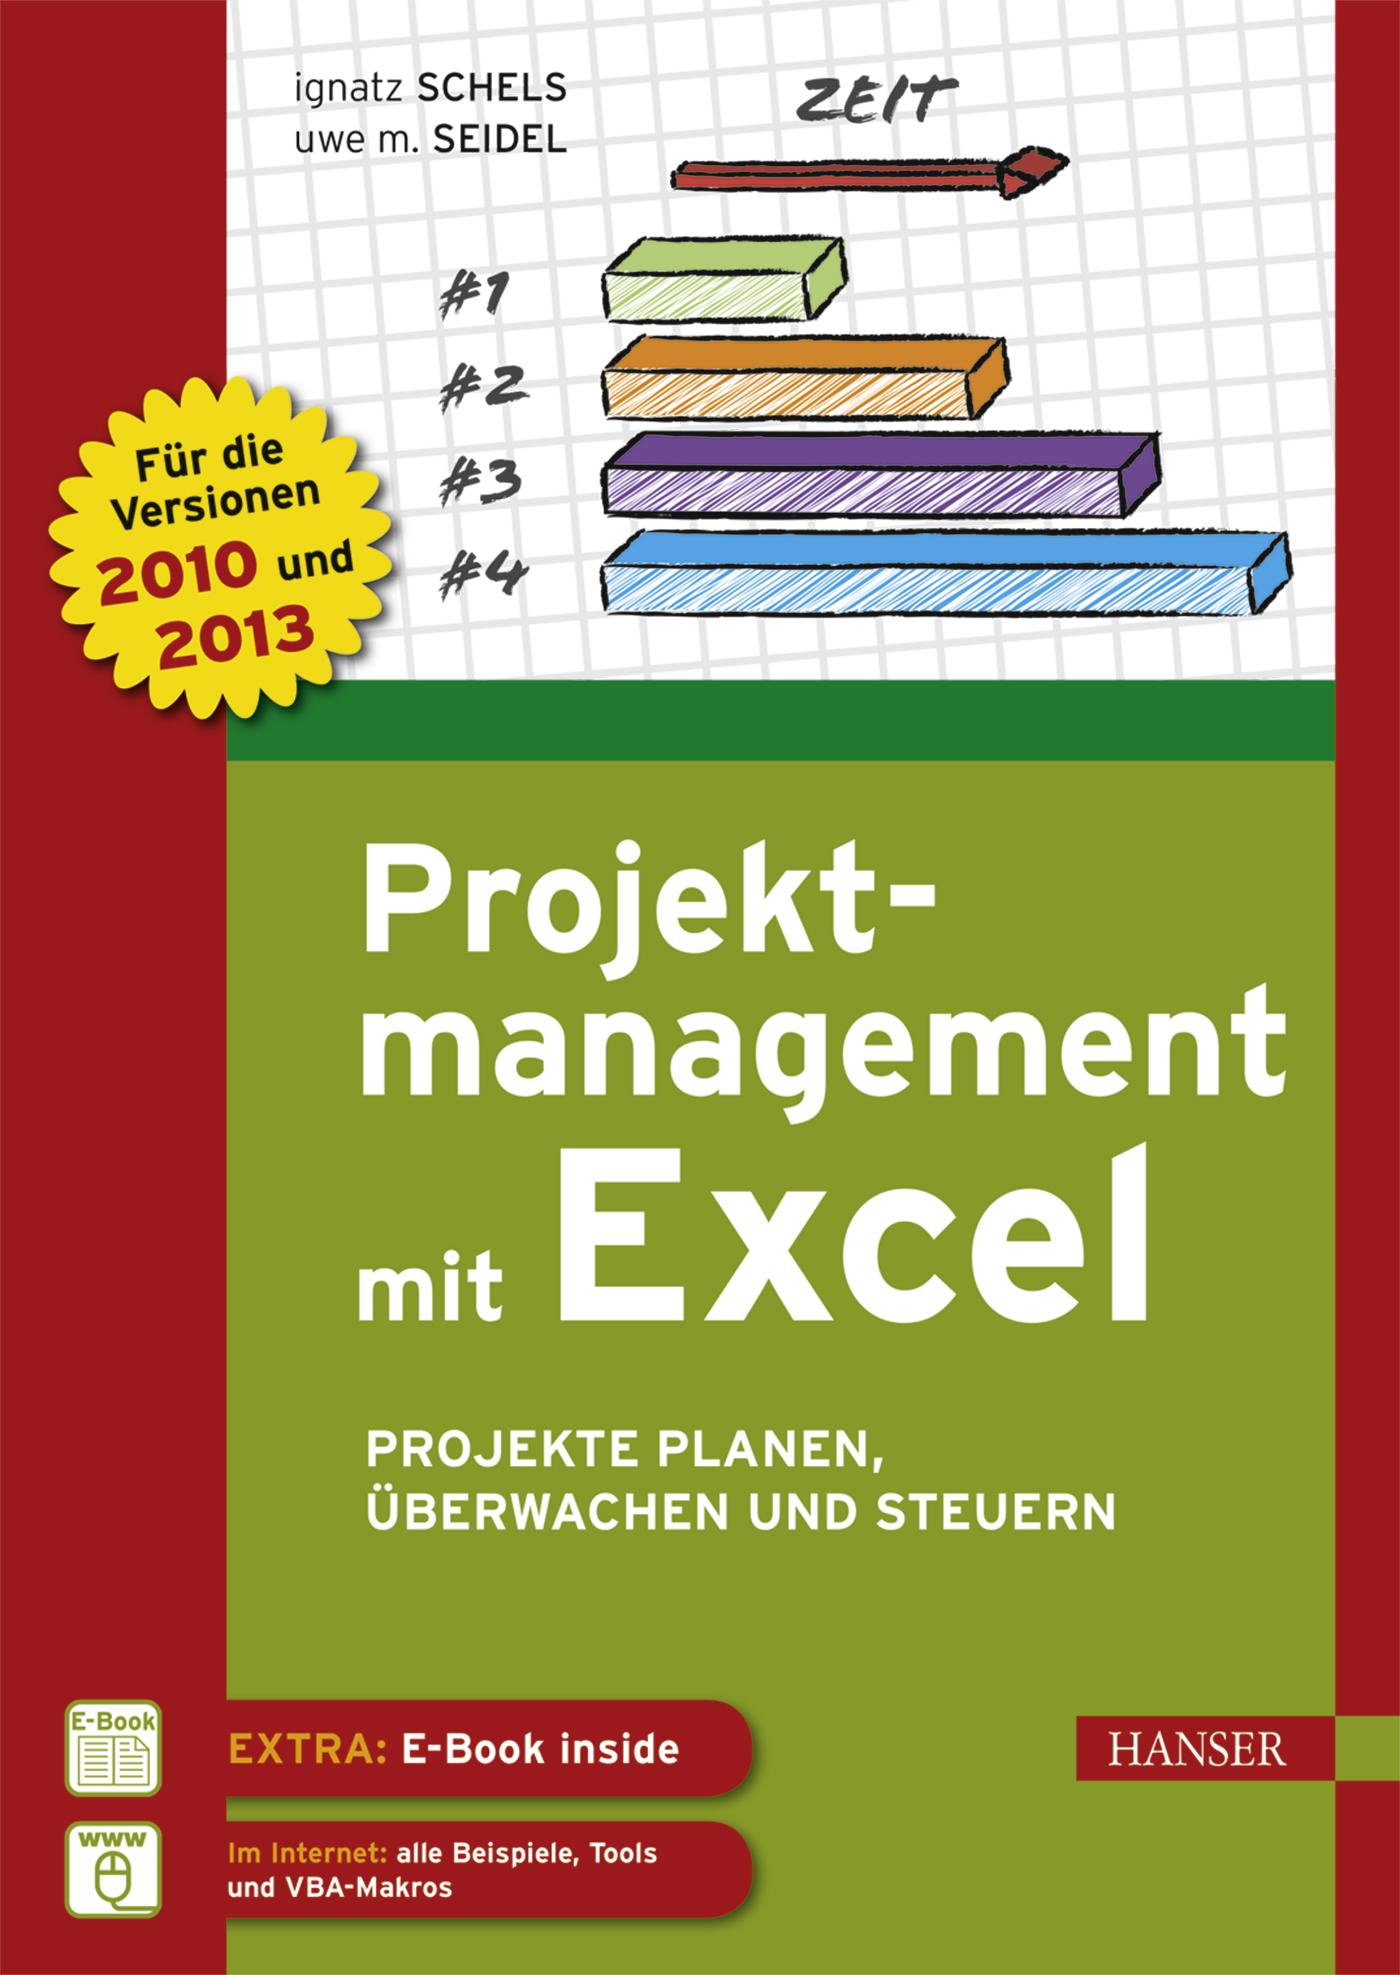 Projektmanagement mit Excel: Projekte planen, ü...